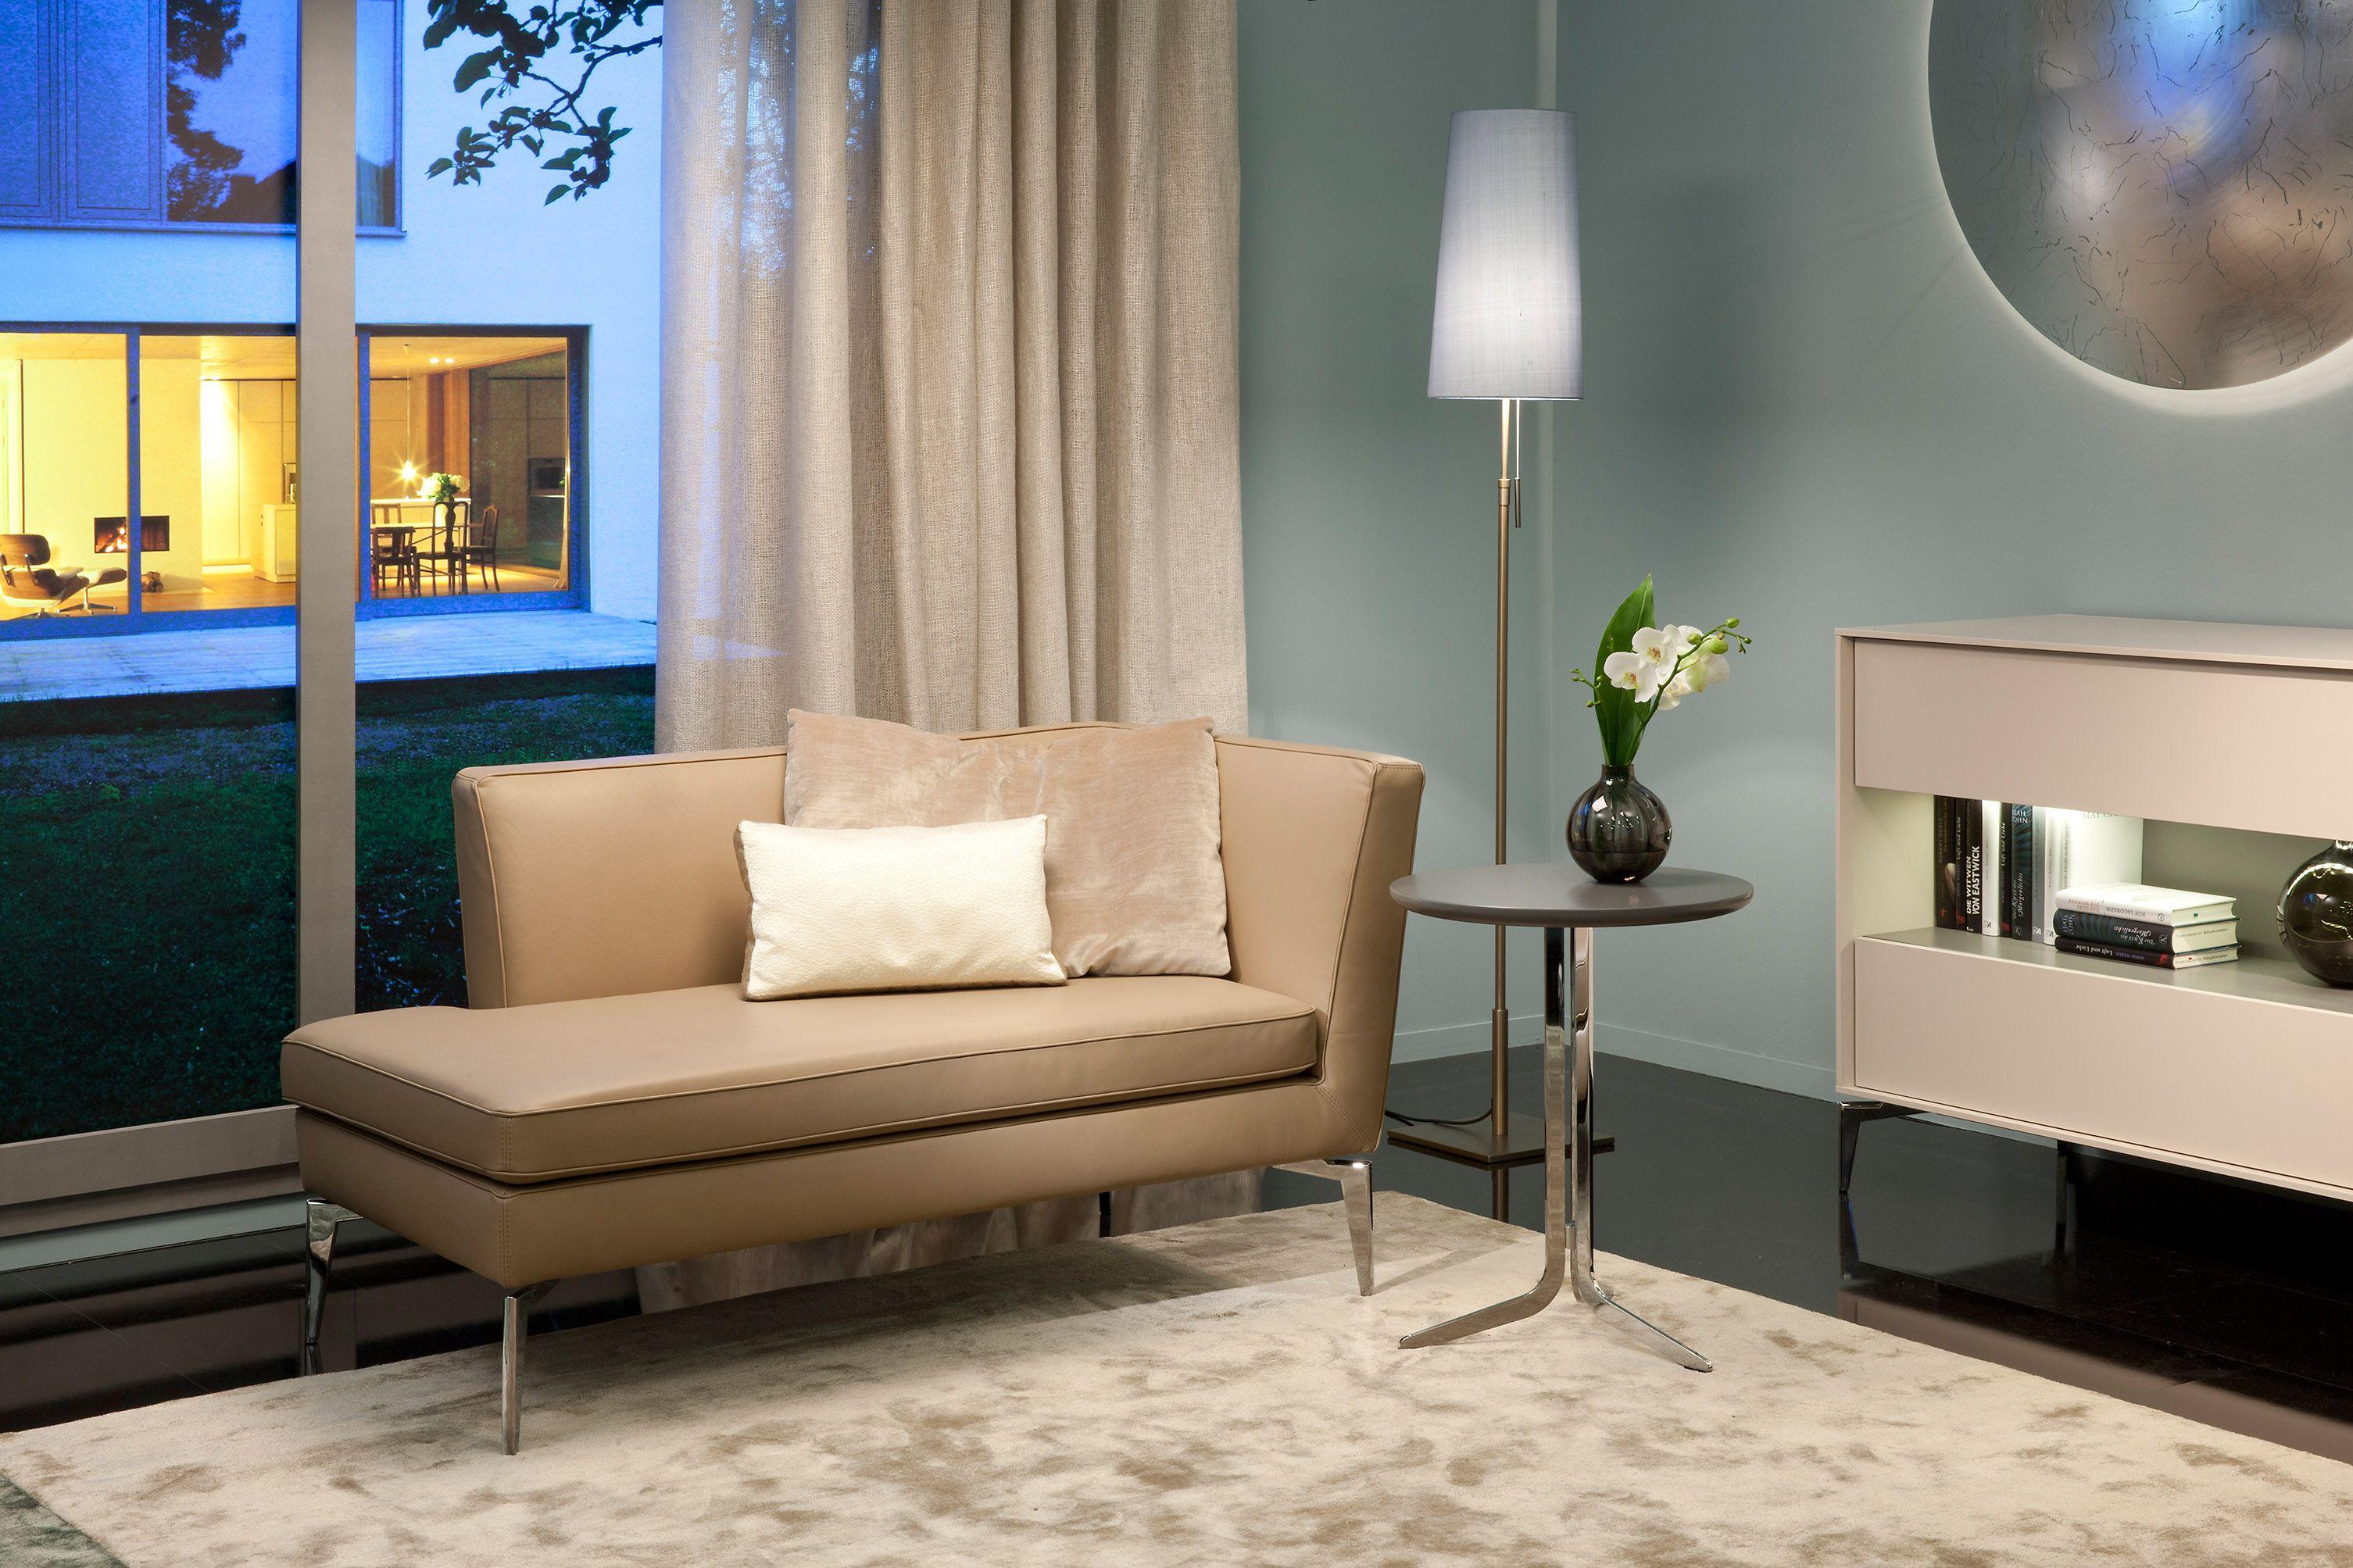 Fabulous Landhausm bel kaufen und gestalten g nstig zum besten Preis Der neue harmonische Mittelpunkt in Ihrem Wohnzimmer wundersch nes Sitzm bel in geschwungene